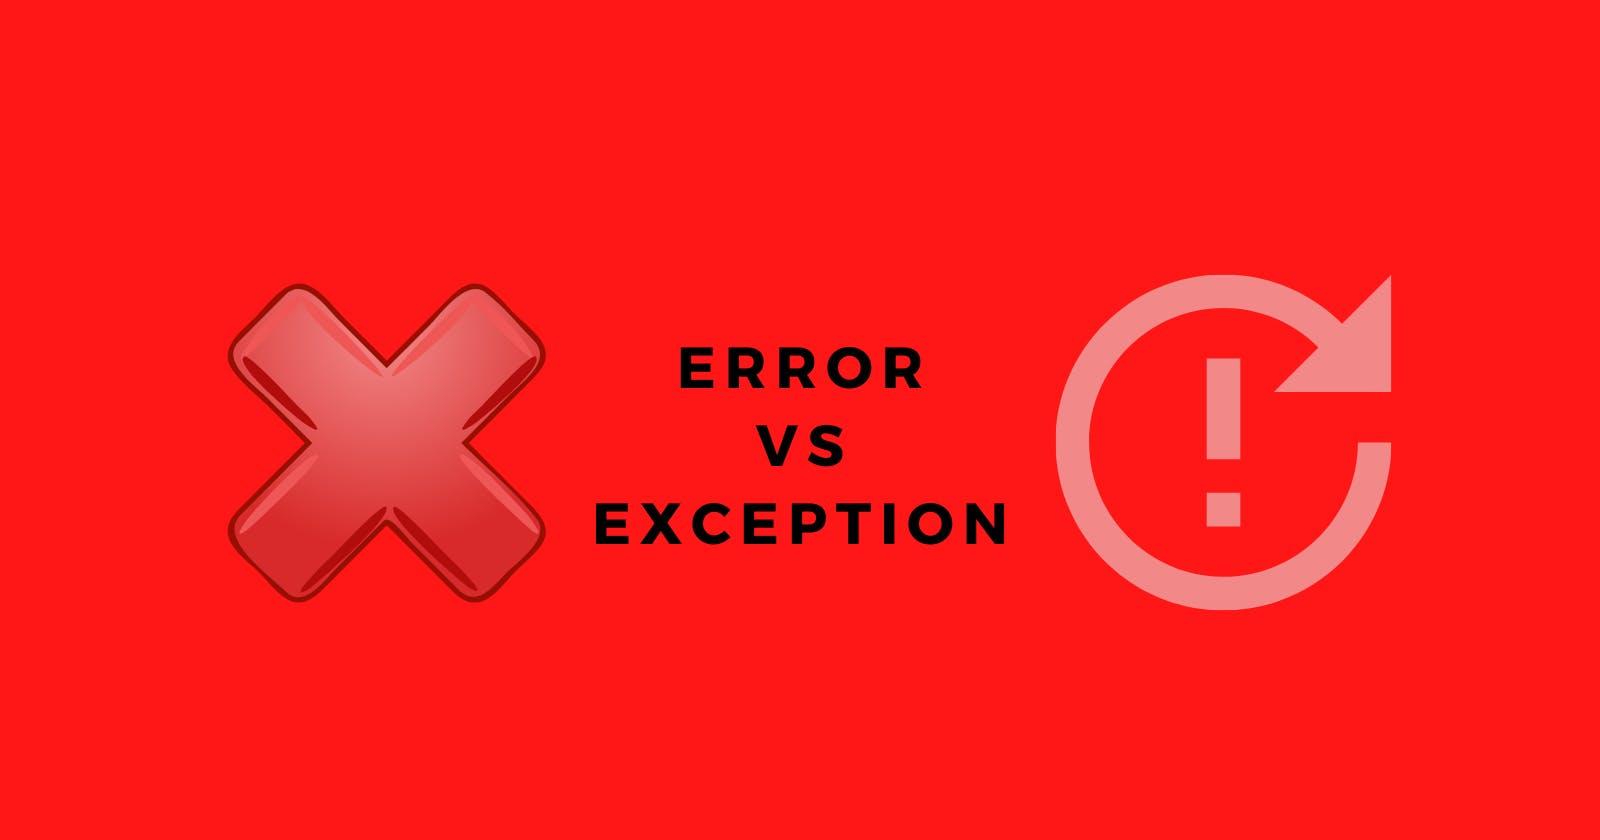 Error vs Exception